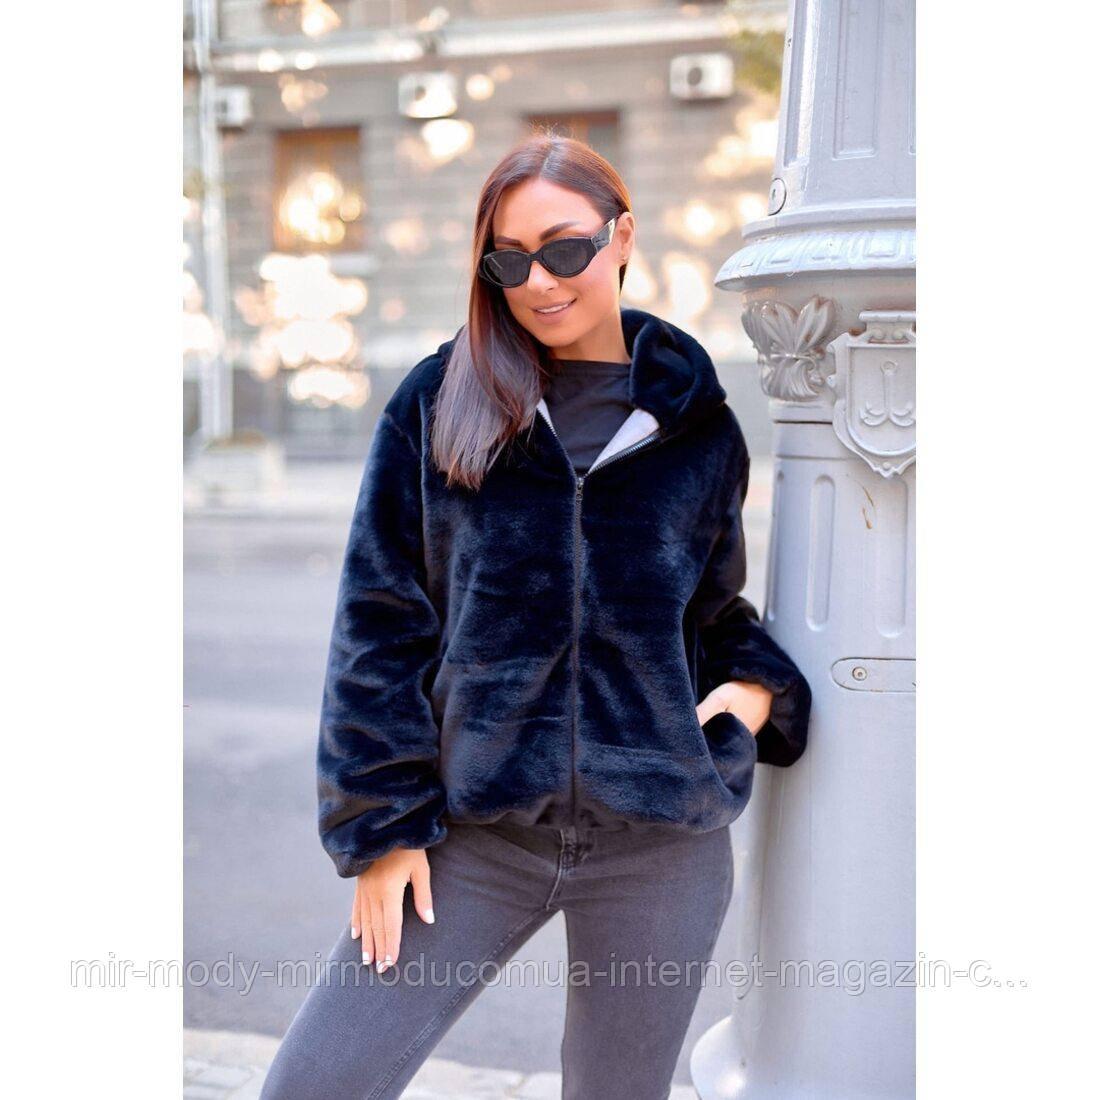 Жіноча куртка хутряна Автоледі батальна арт 1378 з 48 по 62 розмір(од-пр)